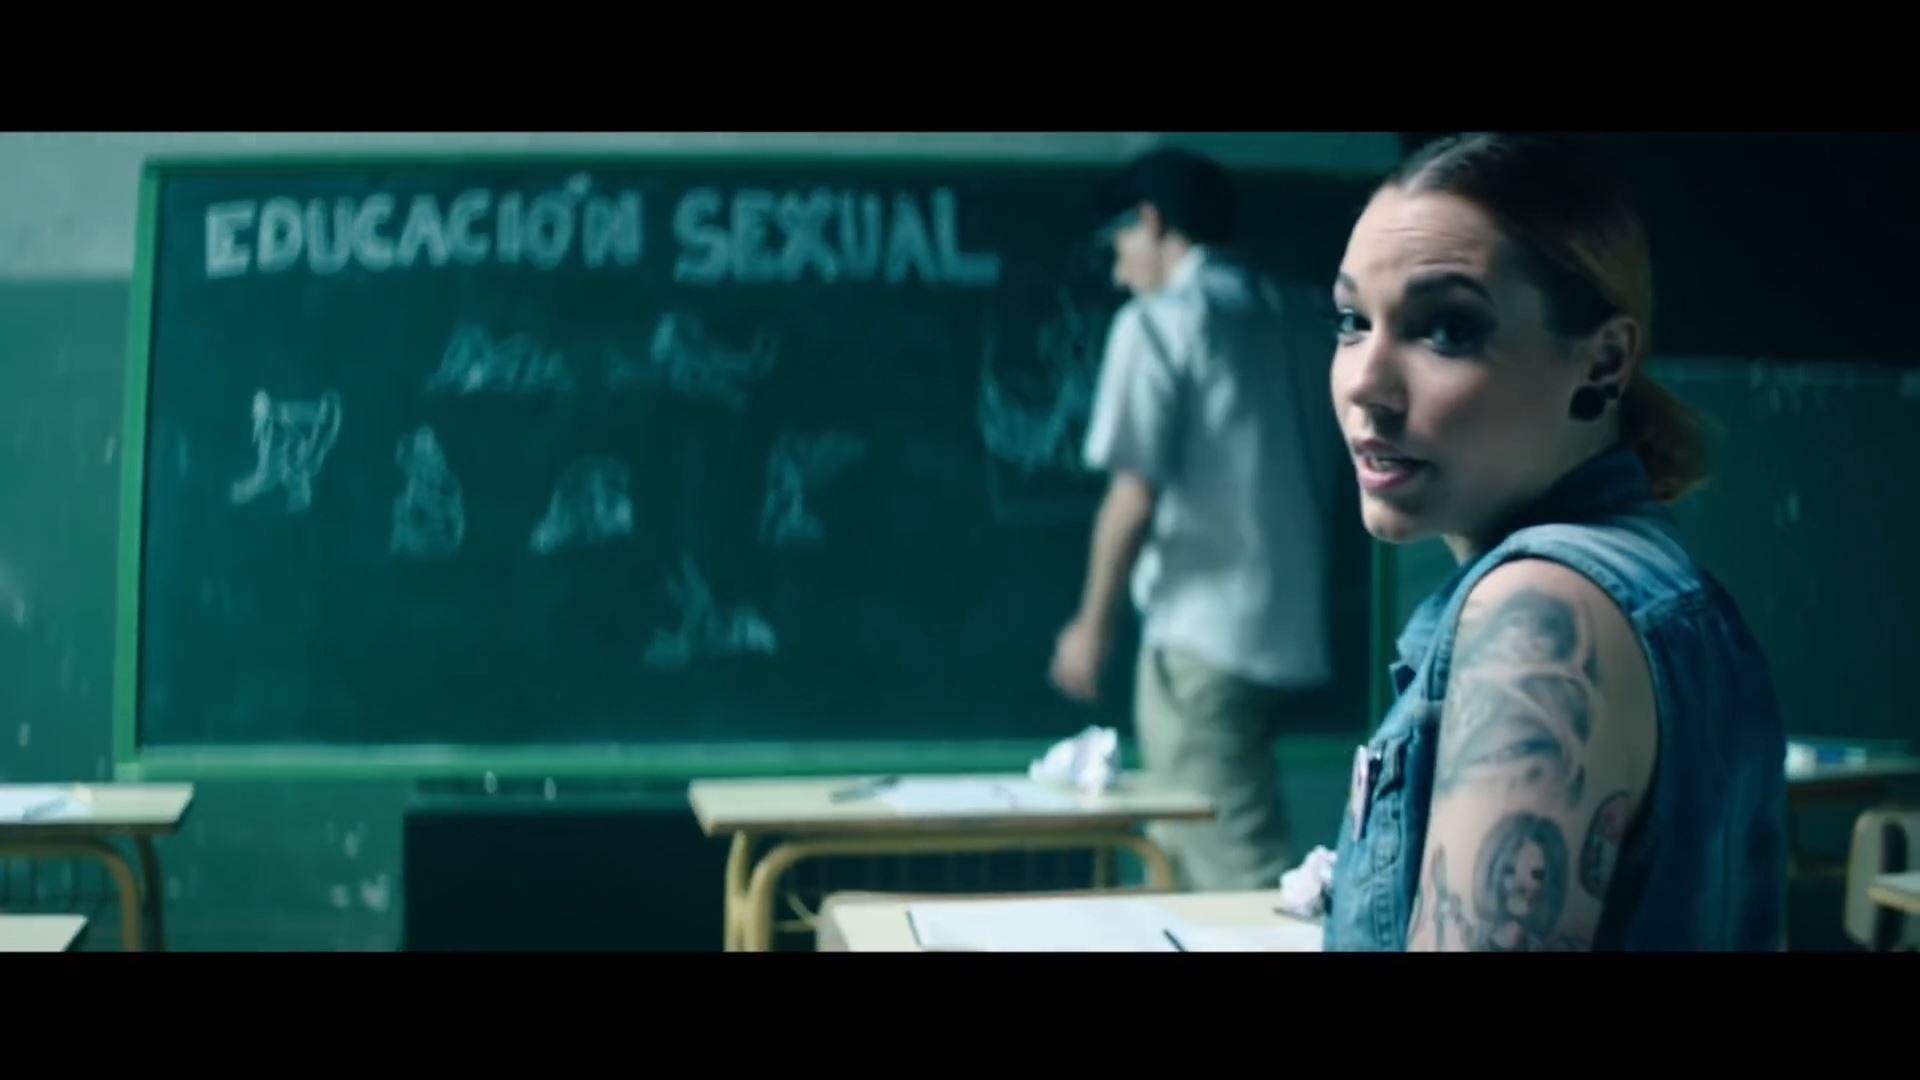 Actrices Salón Porno 2017 el vídeo del salón erótico de barcelona 2018 contra los